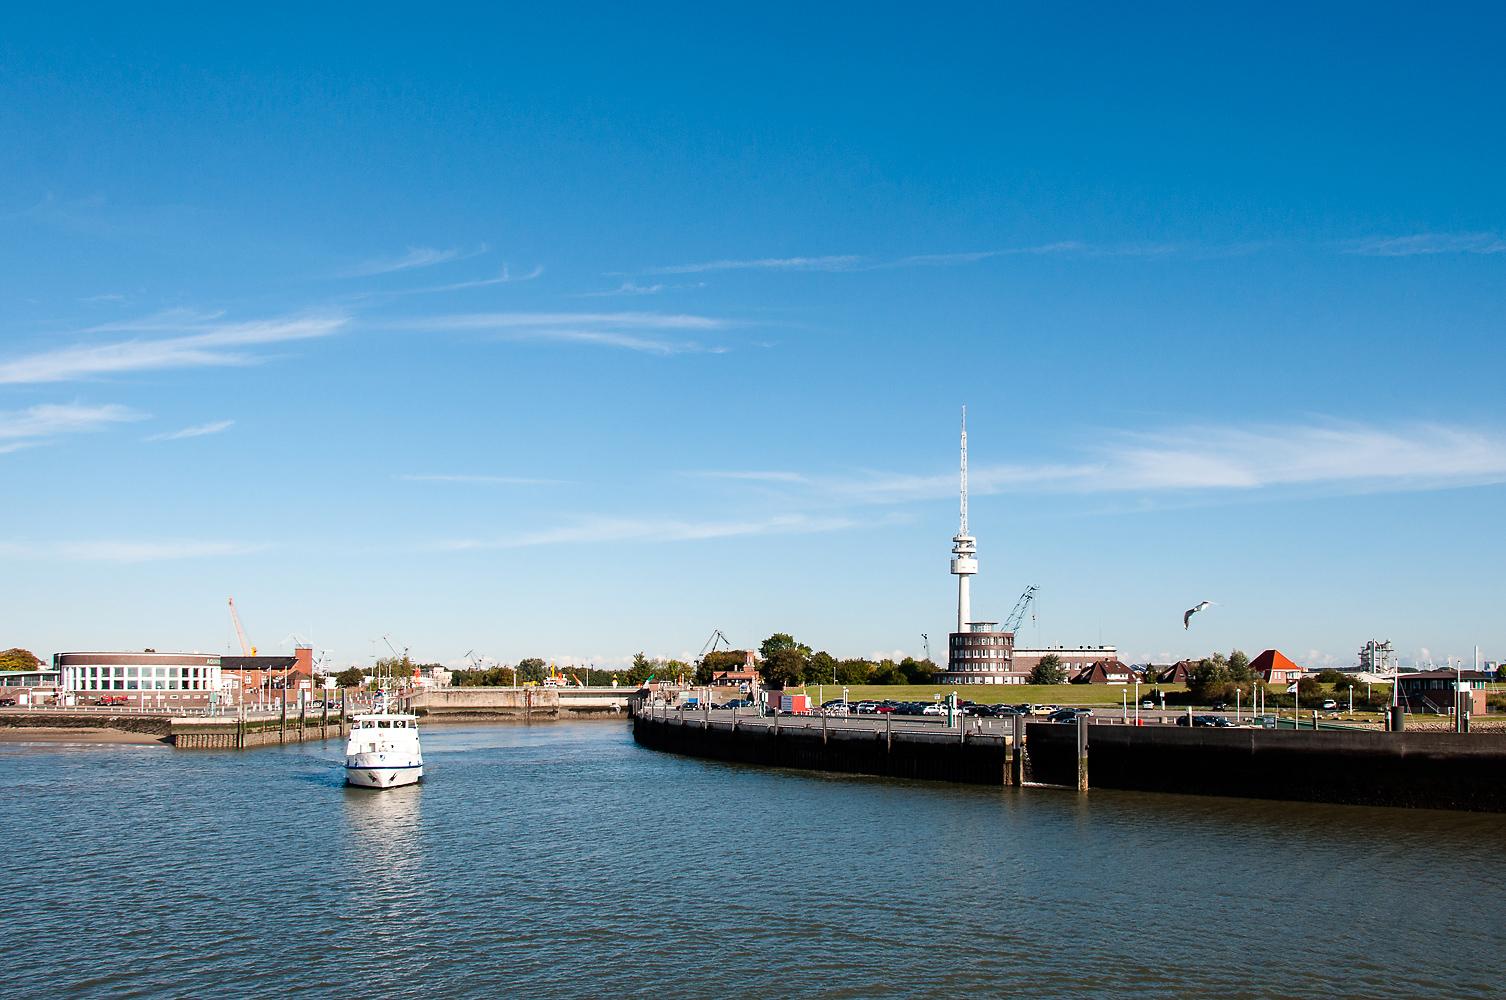 Hafenausfahrt in Wilhelmshaven